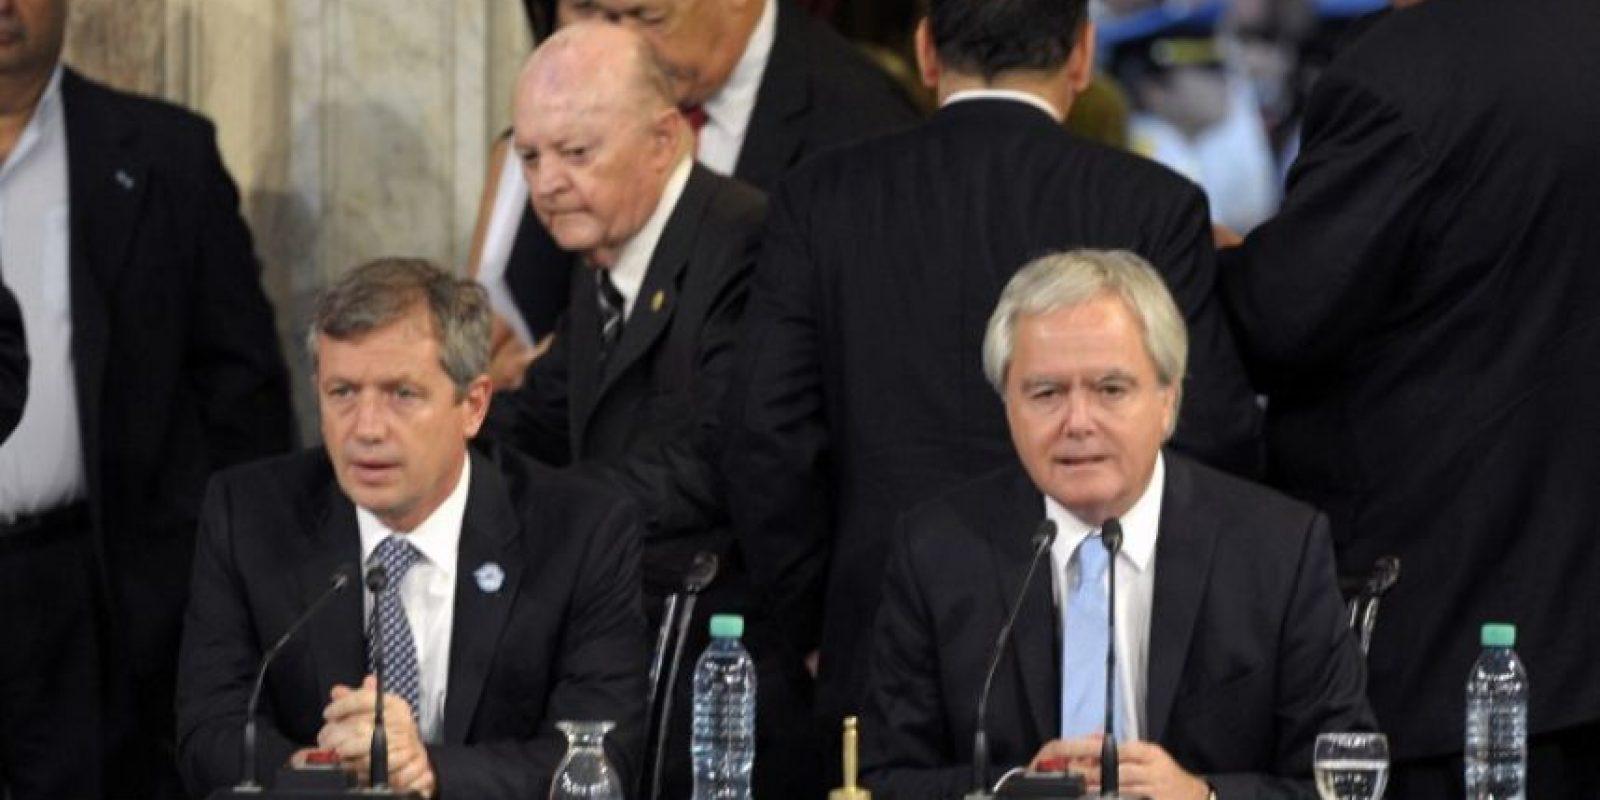 El presidente rindió juramento en el Congreso Foto:AFP